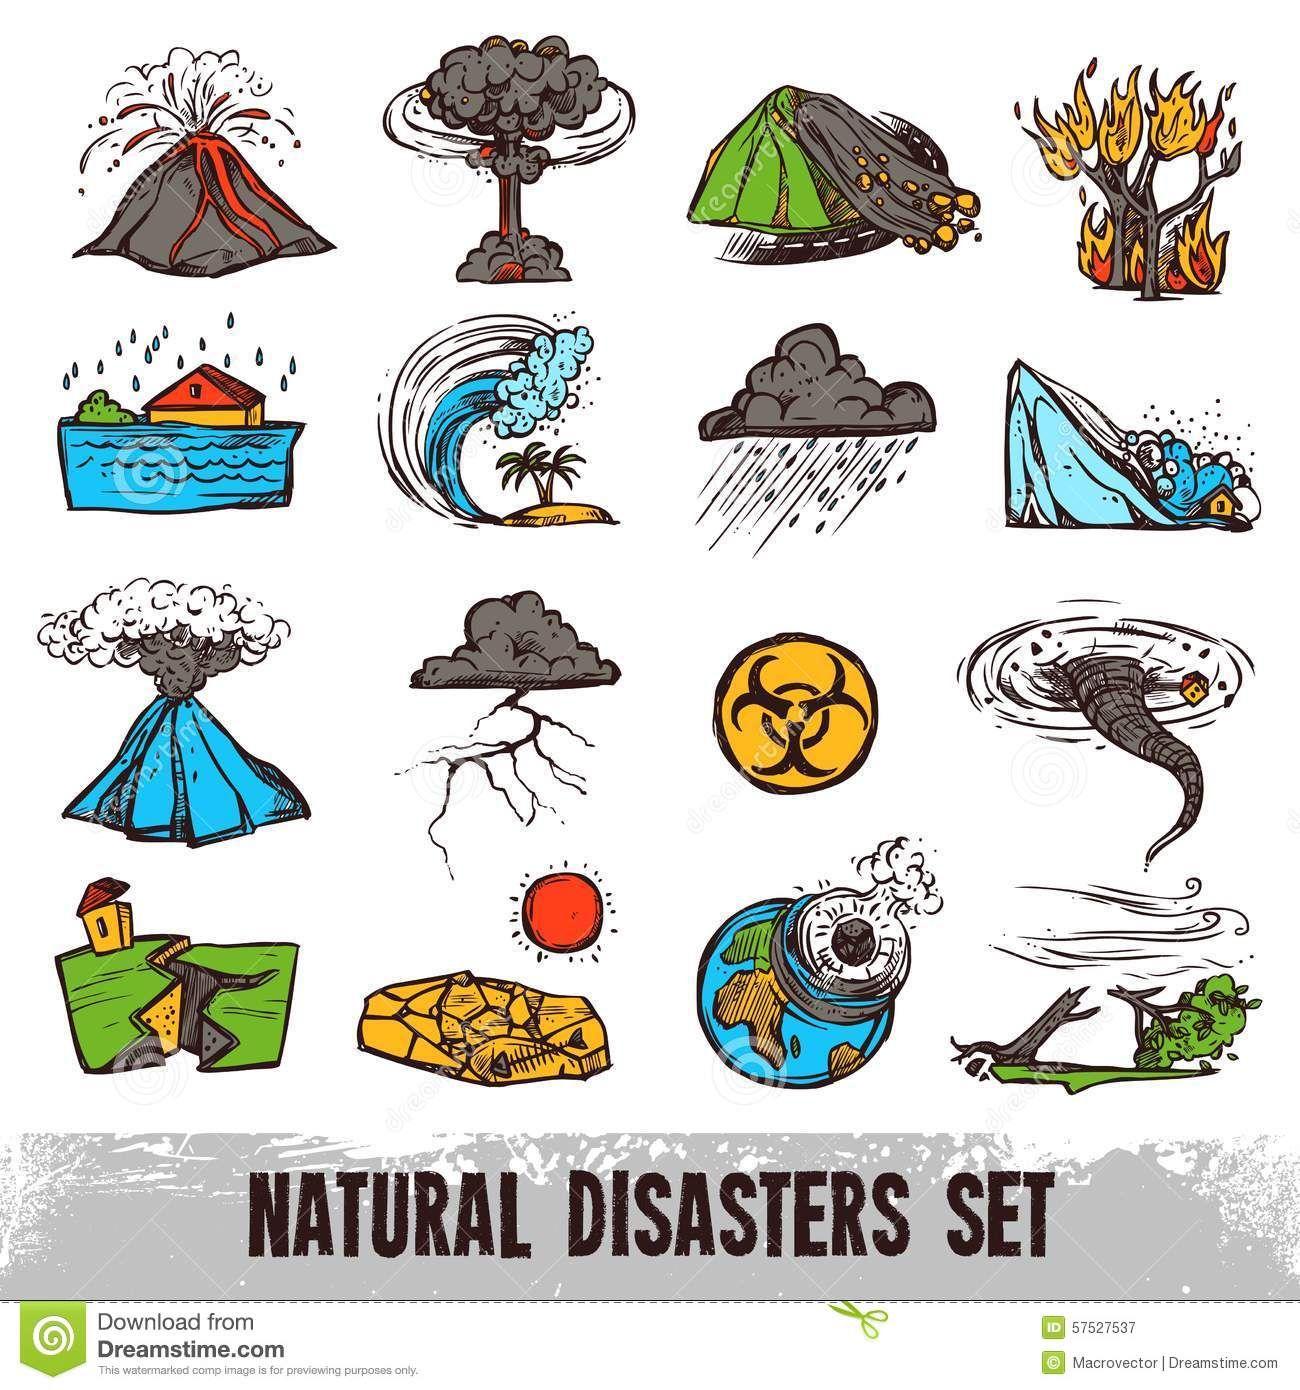 viviendas de contingencia ante desastres naturales  Buscar con